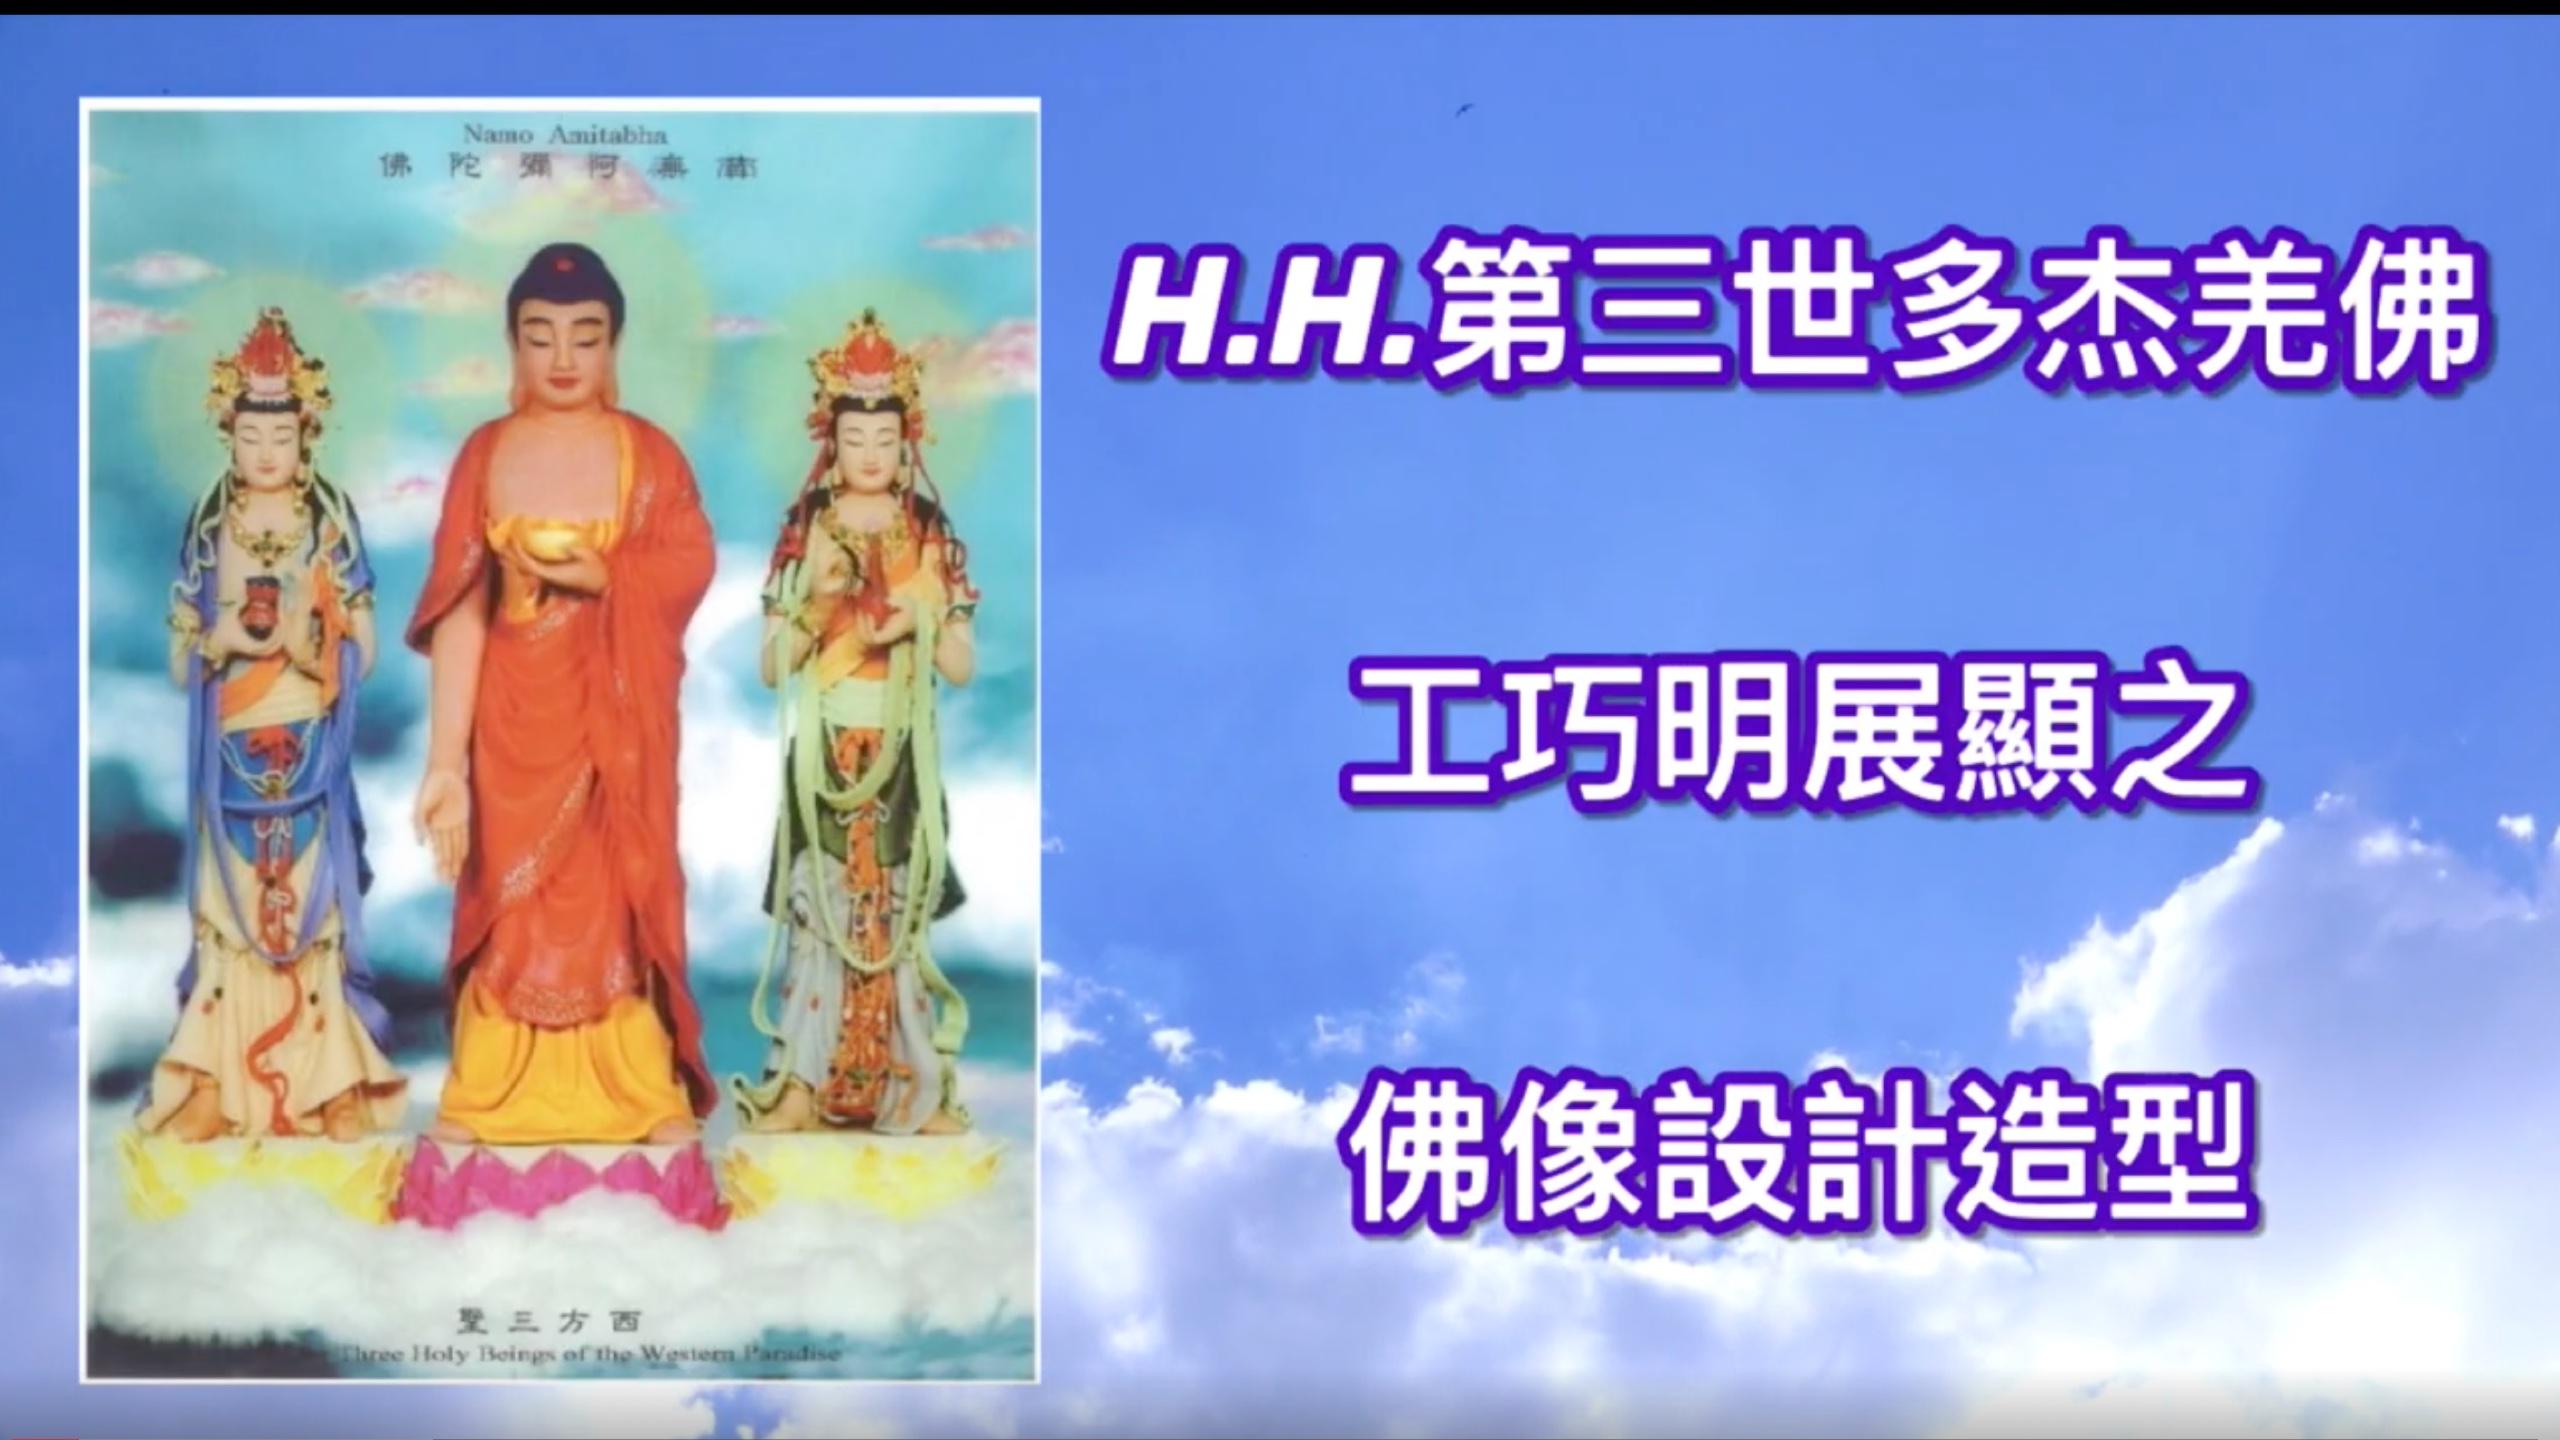 H.H.第三世多杰羌佛 工巧明展顯之佛像設計造型